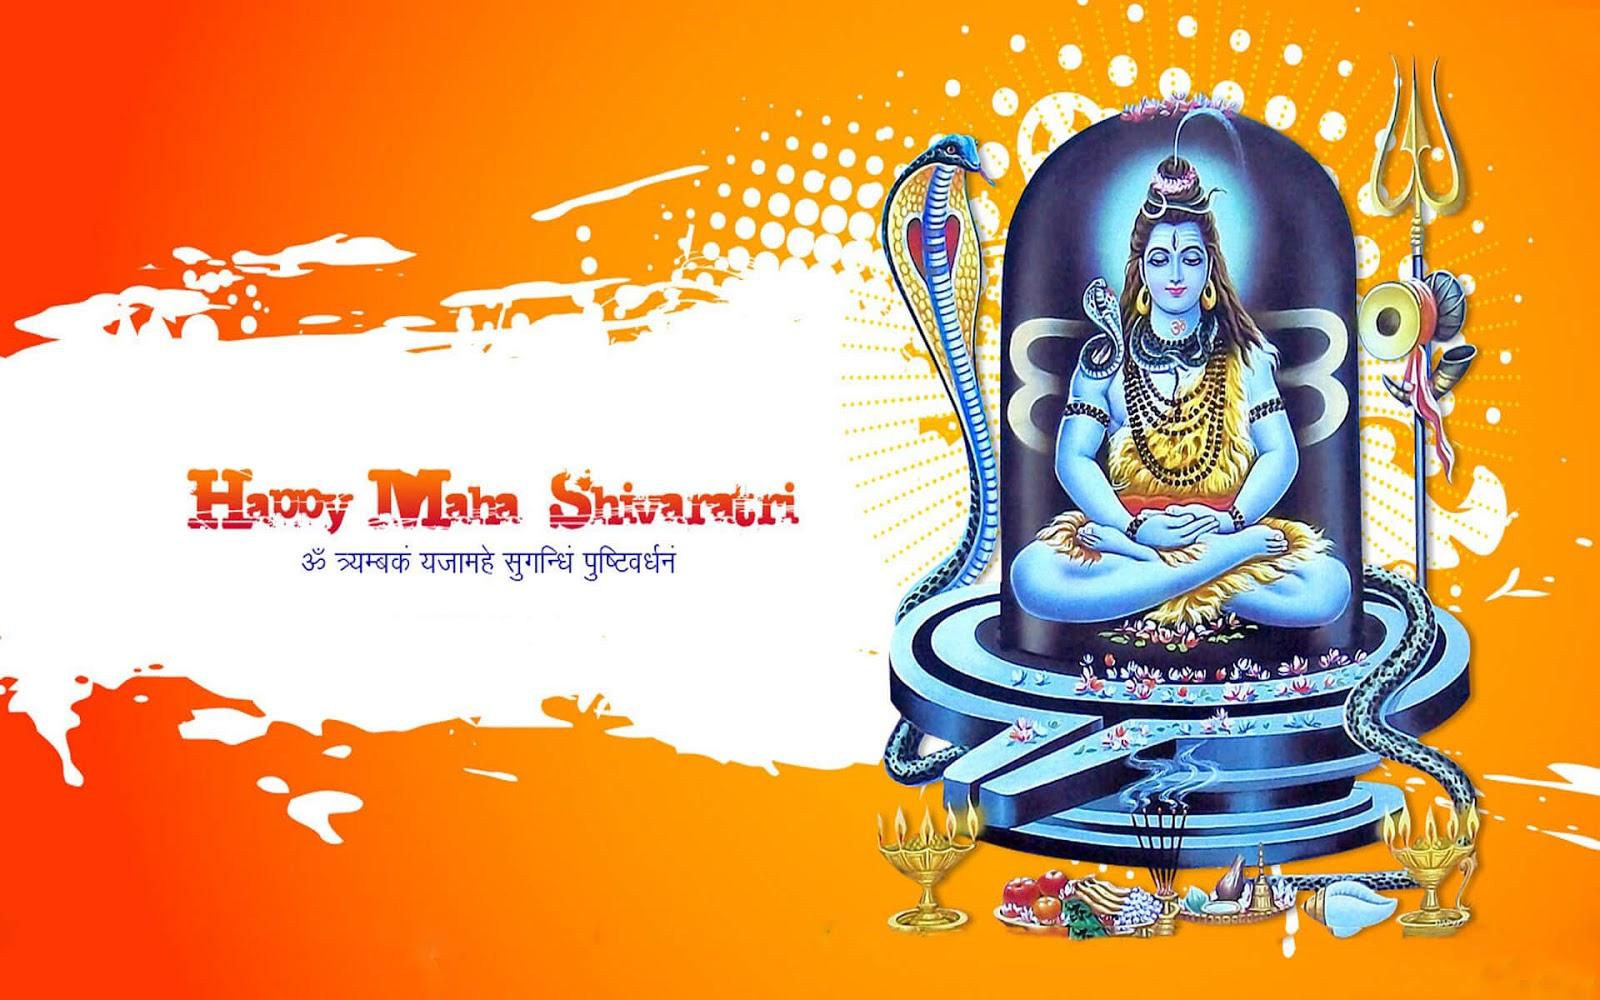 Maha Shivratri Desktop HD Wallpaper